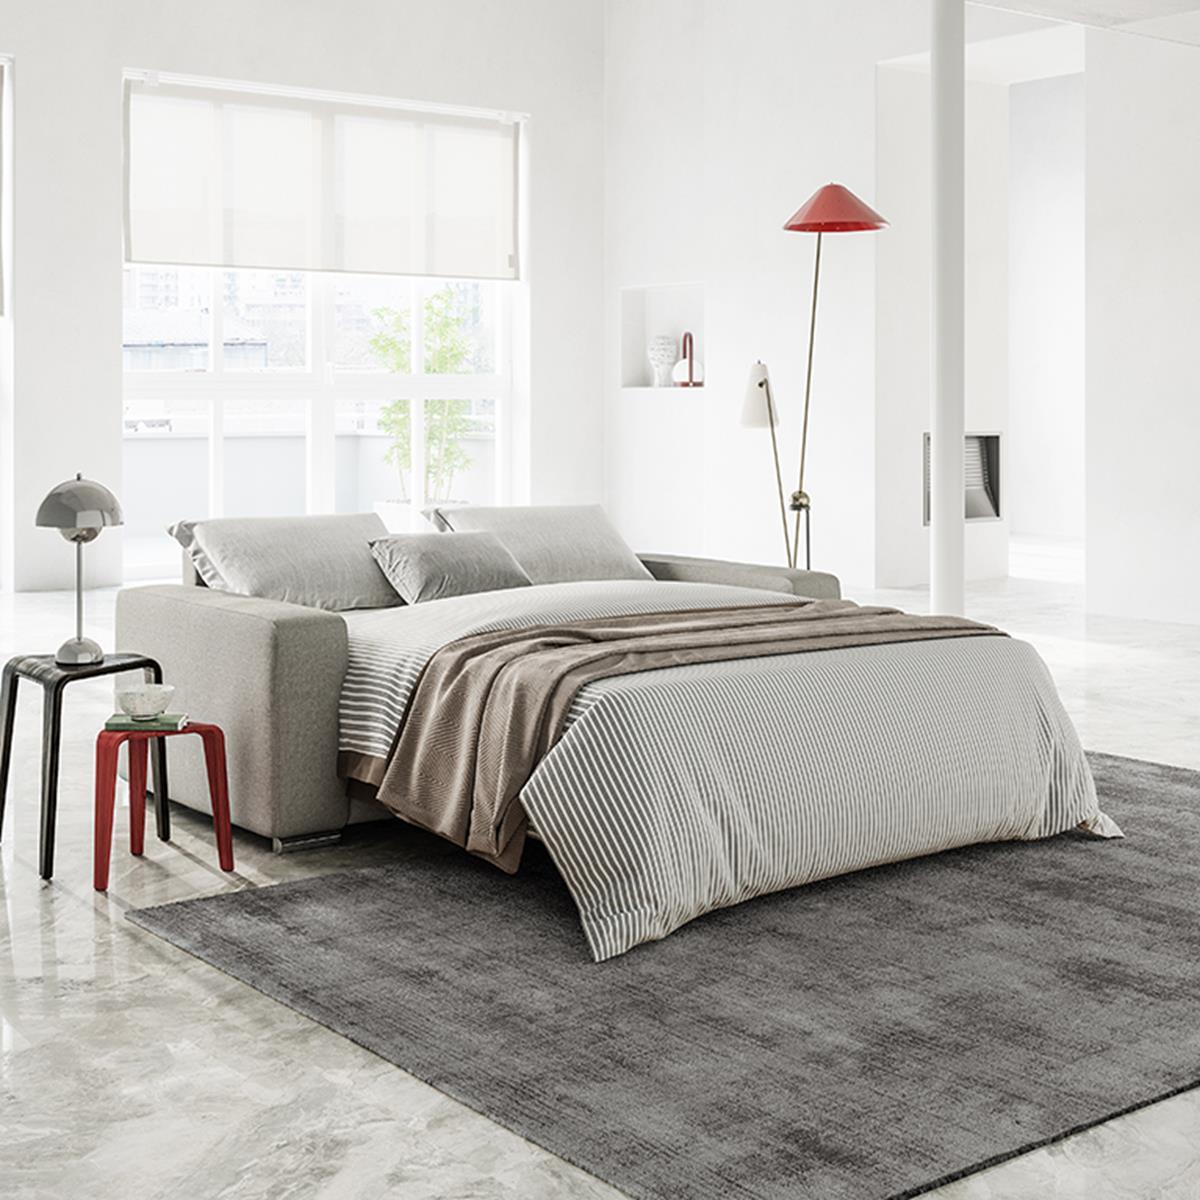 poltronesofa-collezione-divani-letto-13